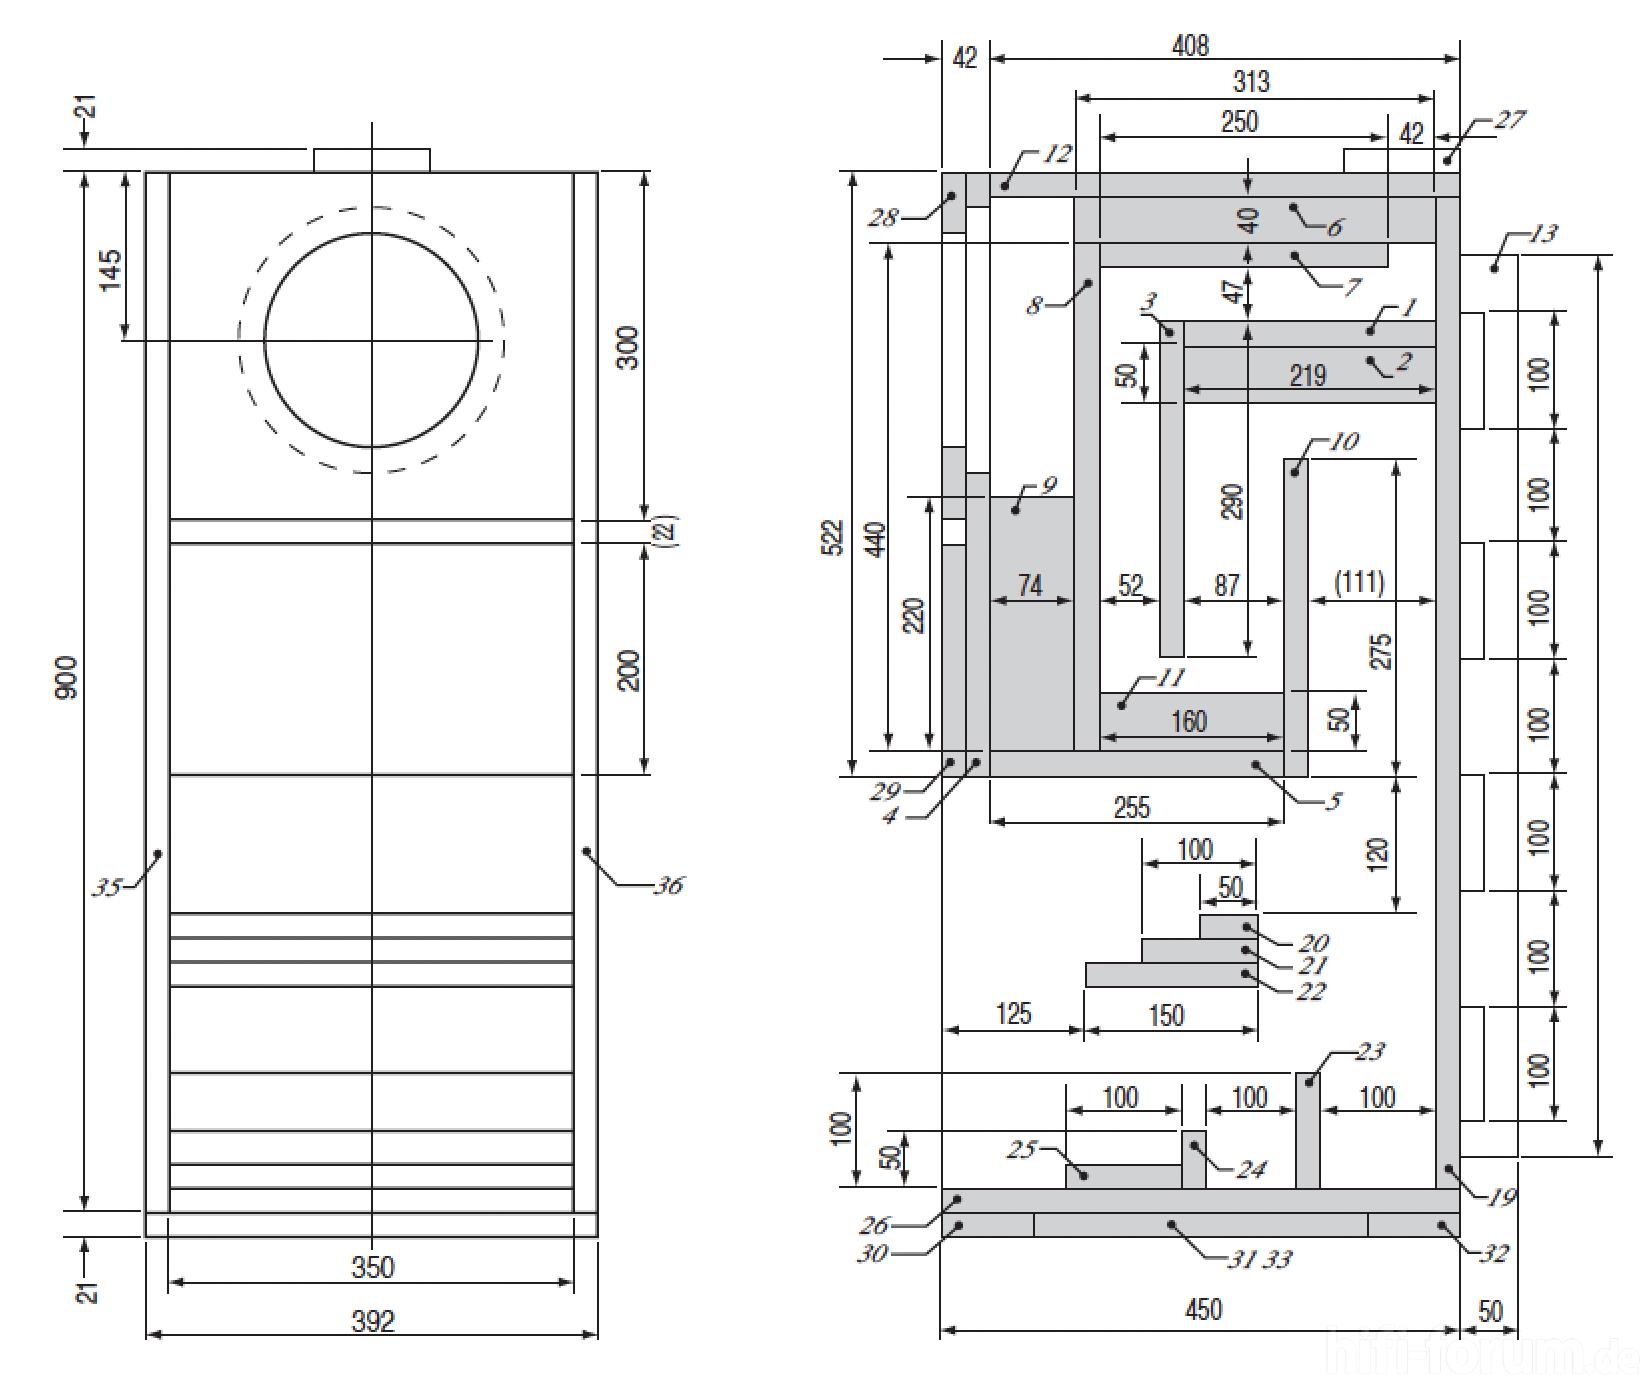 Ultimativ Bauplan Erstellen Erstellen Von Bauplan Mit Autocad Software: Bauplan Zeichnen Kostenlos. Grundriss Zeichnen Online 2018